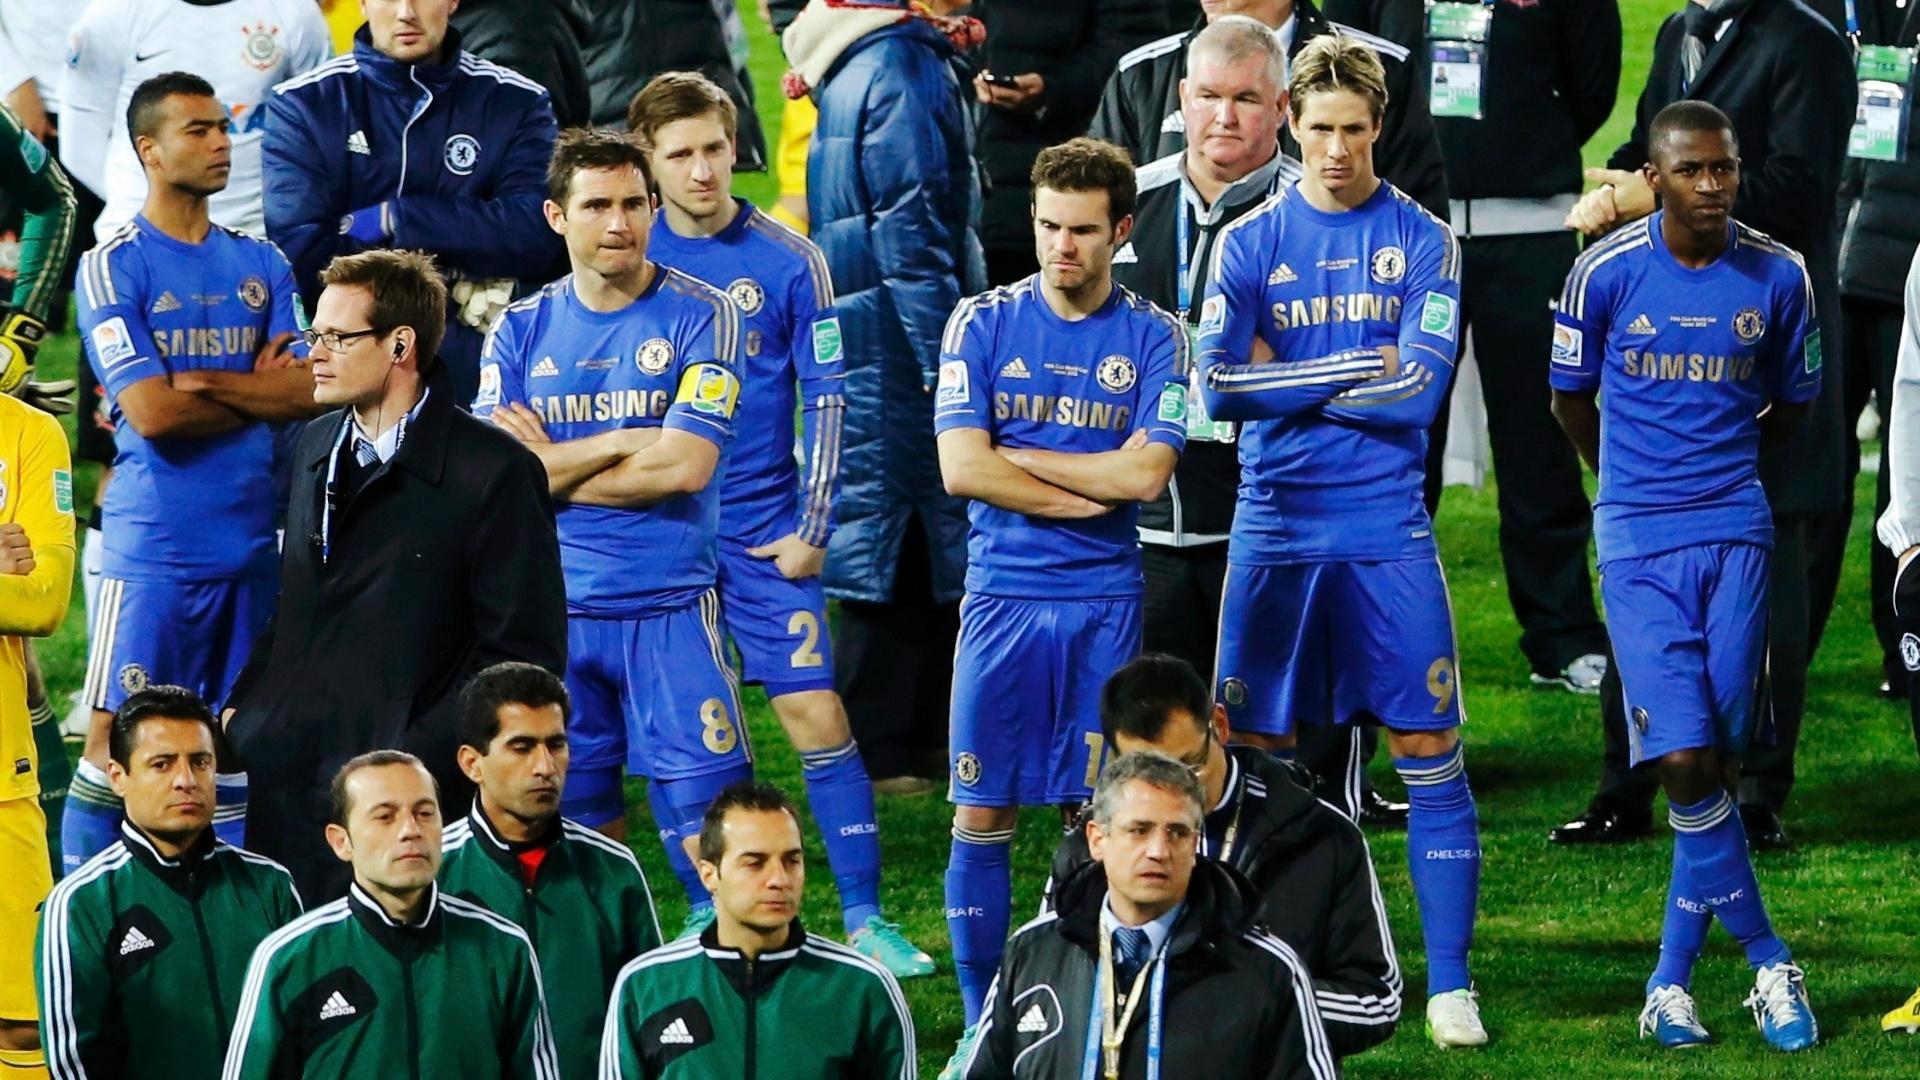 16.dez.2012 - Com cara de desânimo, jogadores do Chelsea acompanham a festa do Corinthians enquanto esperam a medalha pelo segundo lugar no Mundial de Clubes